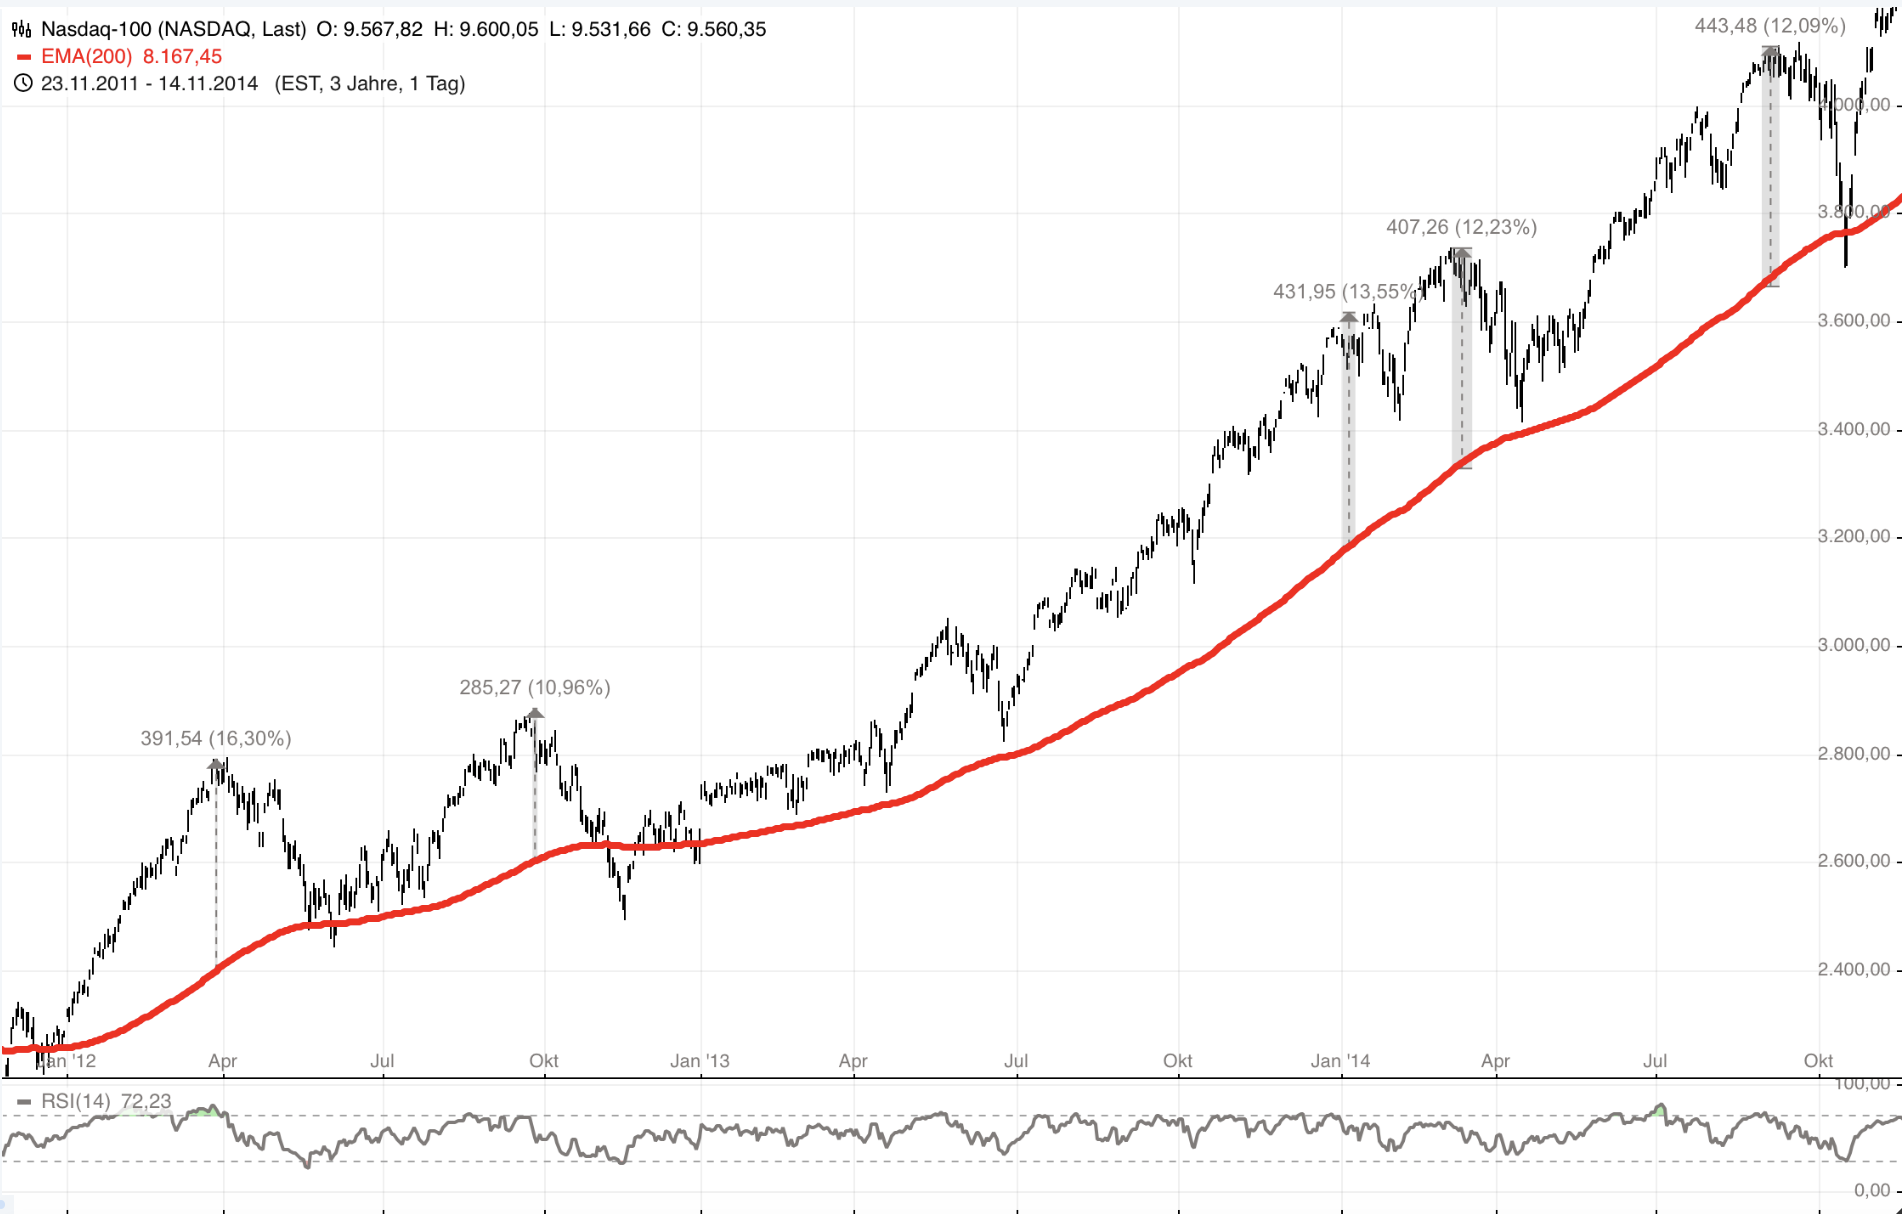 Nasdaq100-Abstand-zur-200-Tage-Linie-toppt-heute-den-Rekordwert-aus-dem-Jahr-2012-Chartanalyse-Rocco-Gräfe-GodmodeTrader.de-4